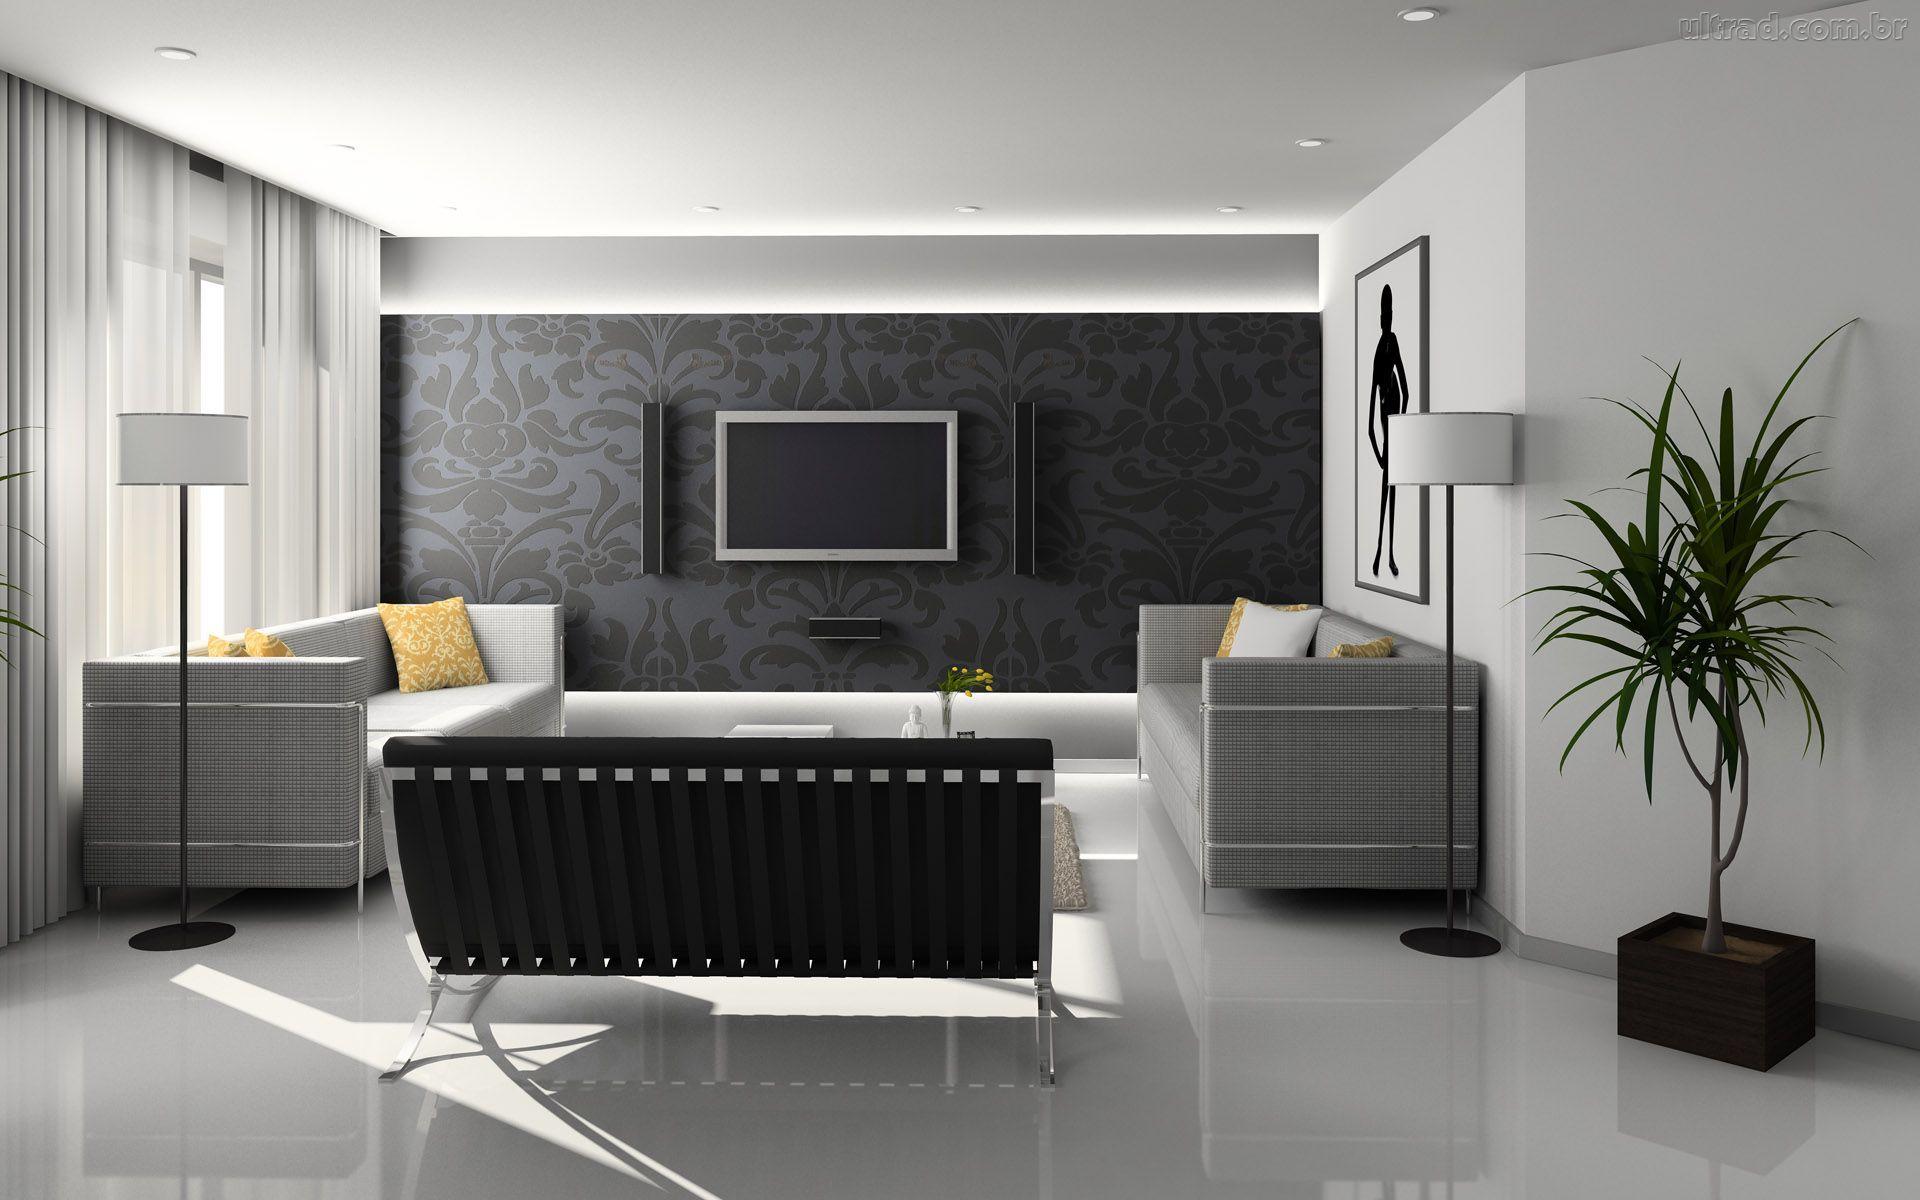 Noticias y tendencias muebles modernos para tu sala for Salas departamentos modernos